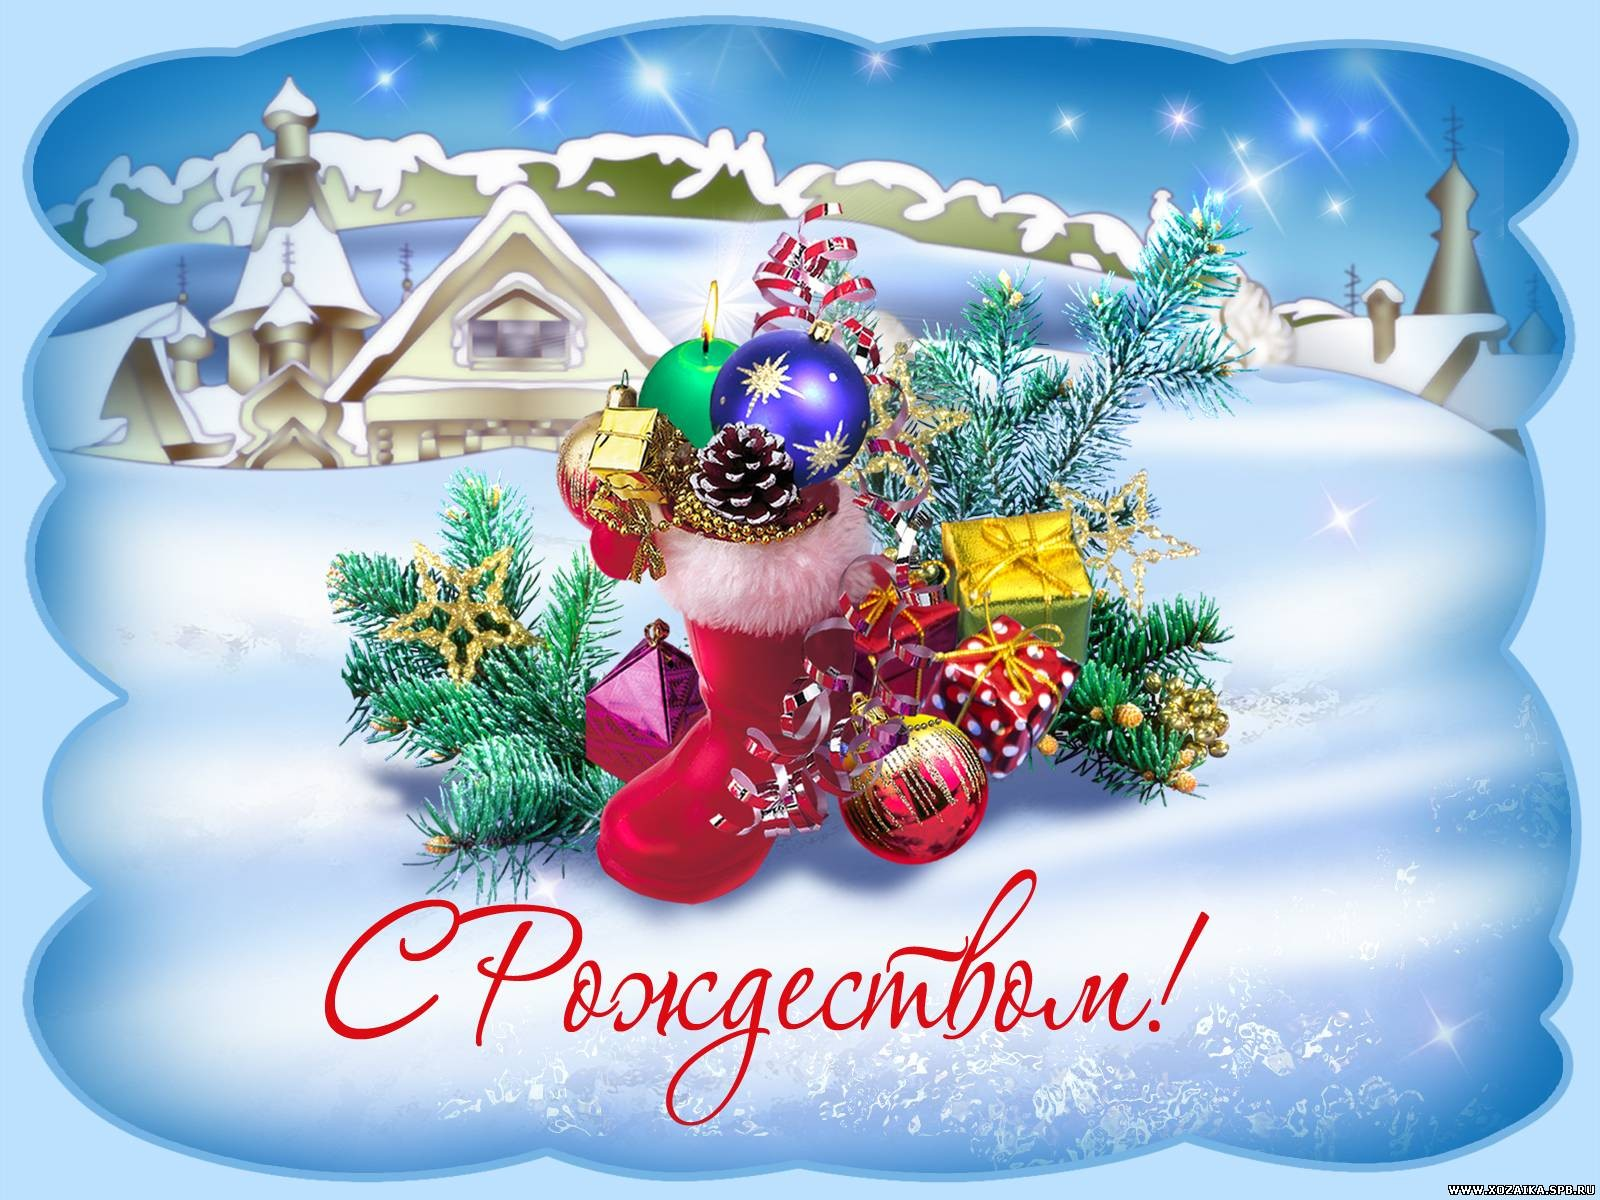 Поздравления рождество христово картинки